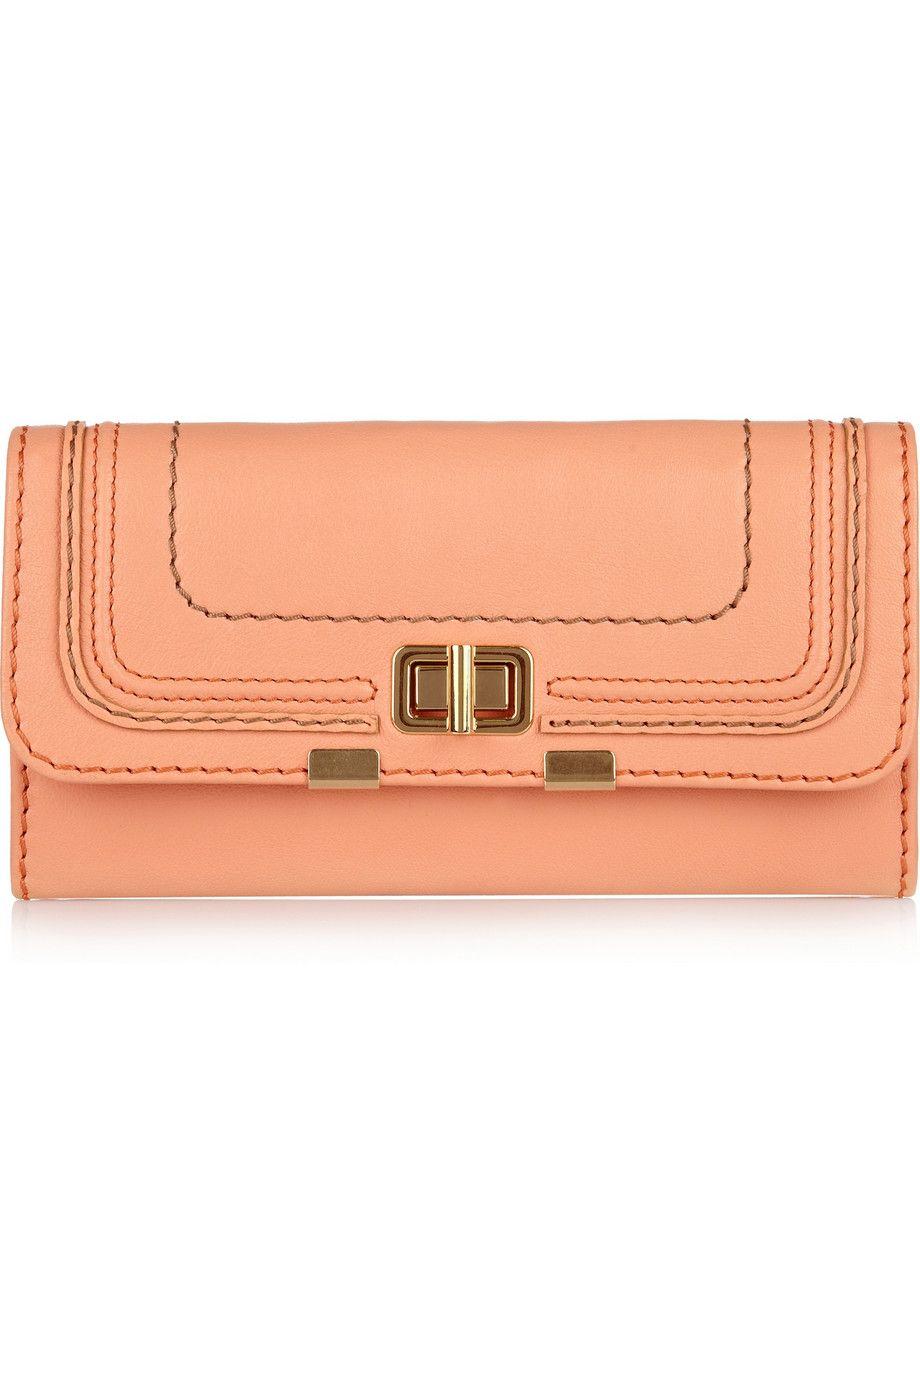 Such a sweet peach Chloé wallet!